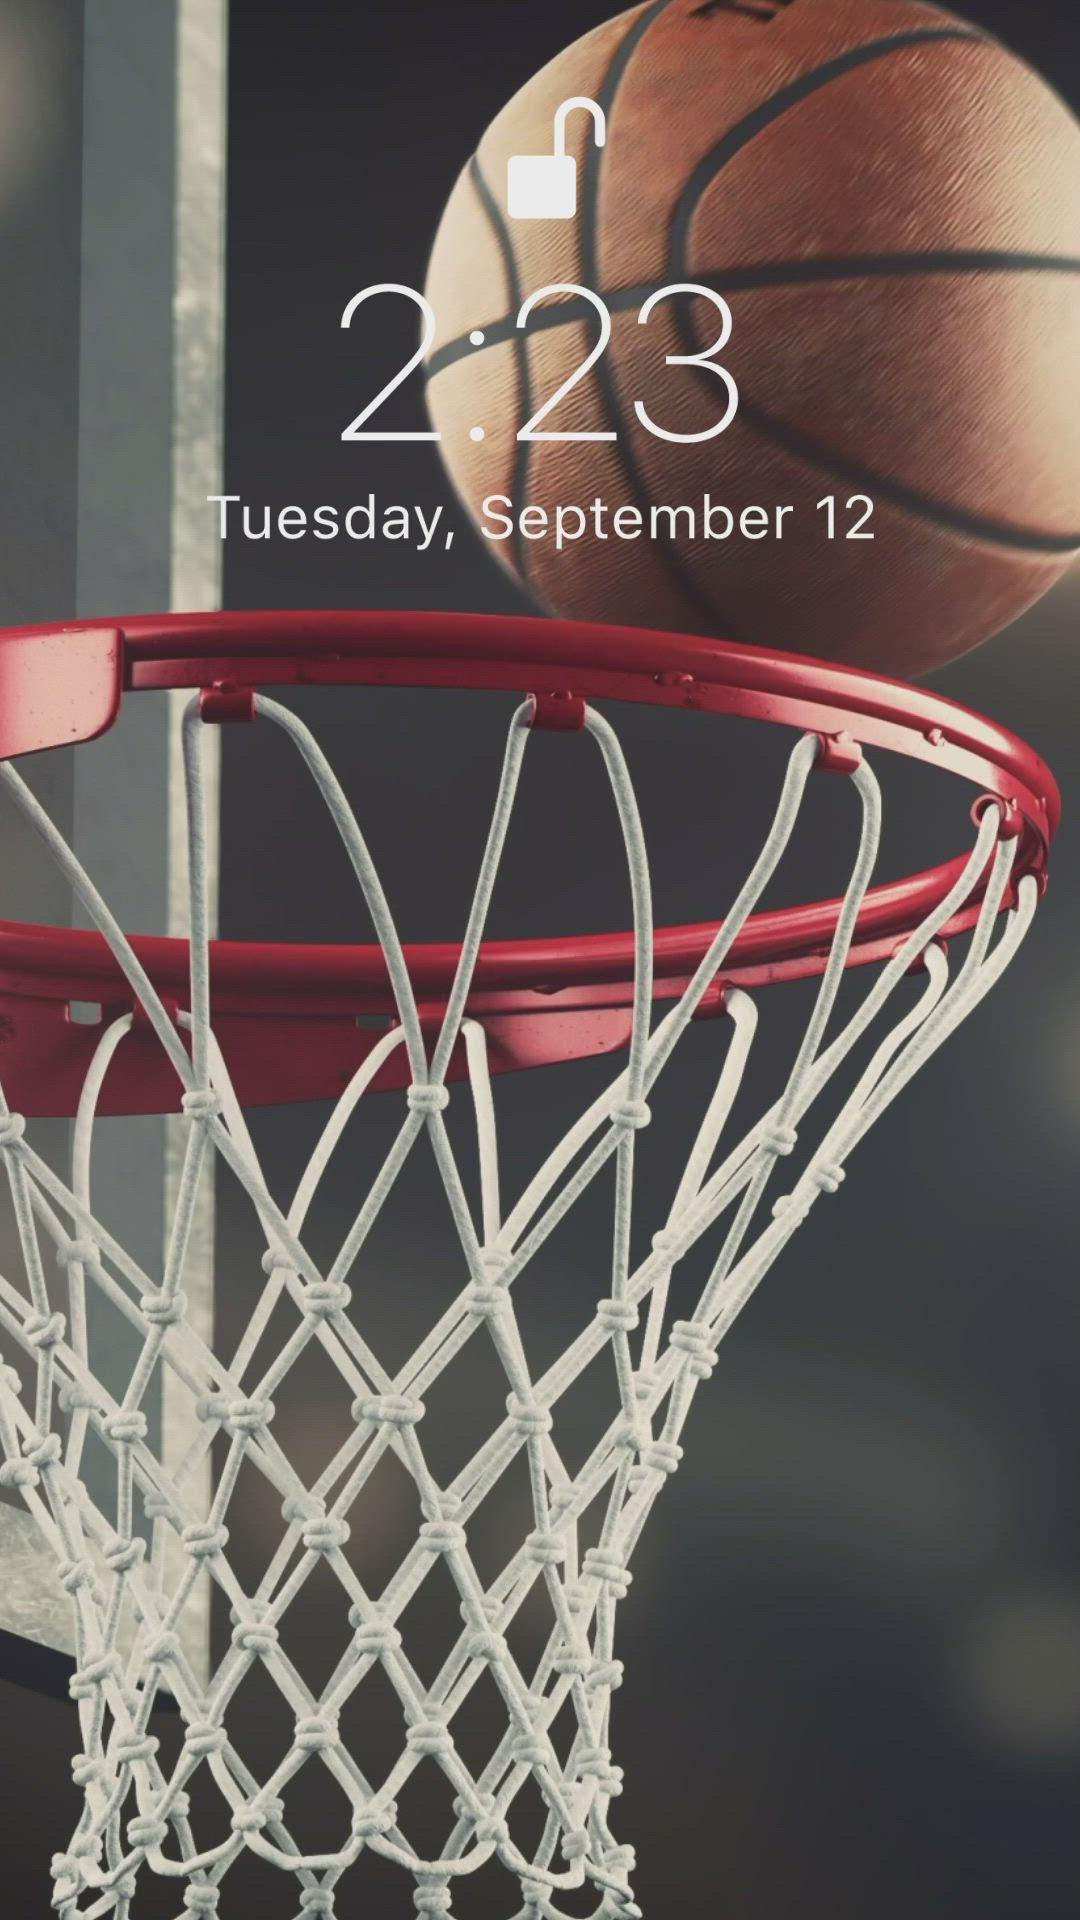 Basketball Video Galaxy Wallpaper Iphone Wallpaper Glitter Wallpaper